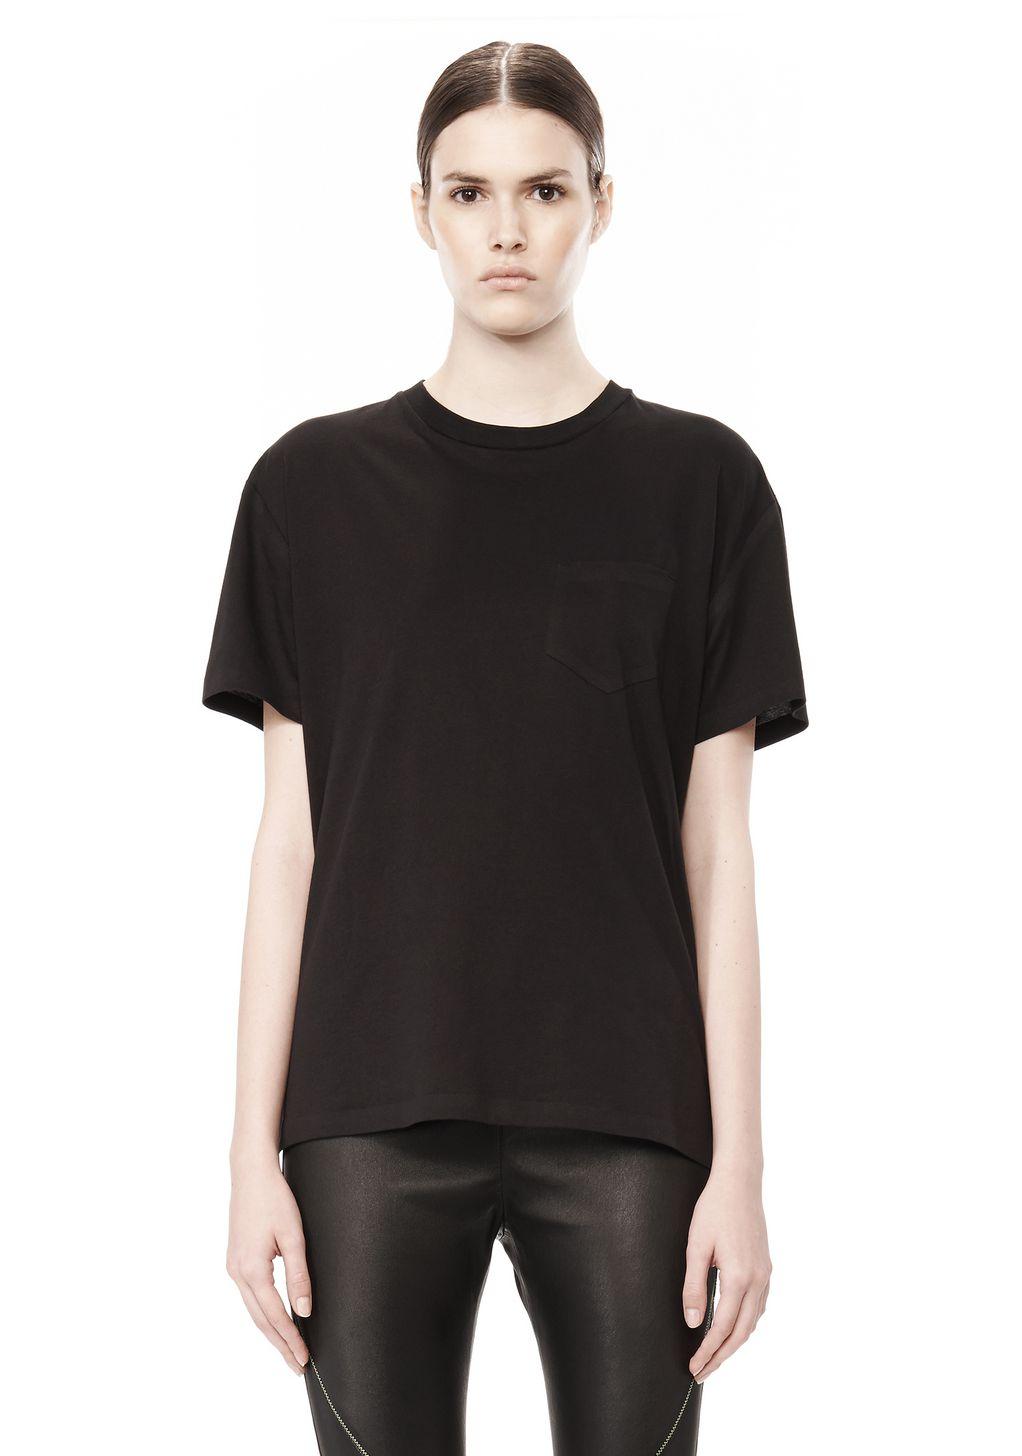 Lyst alexander wang cotton jersey welded tee in black for Alexander wang t shirt women